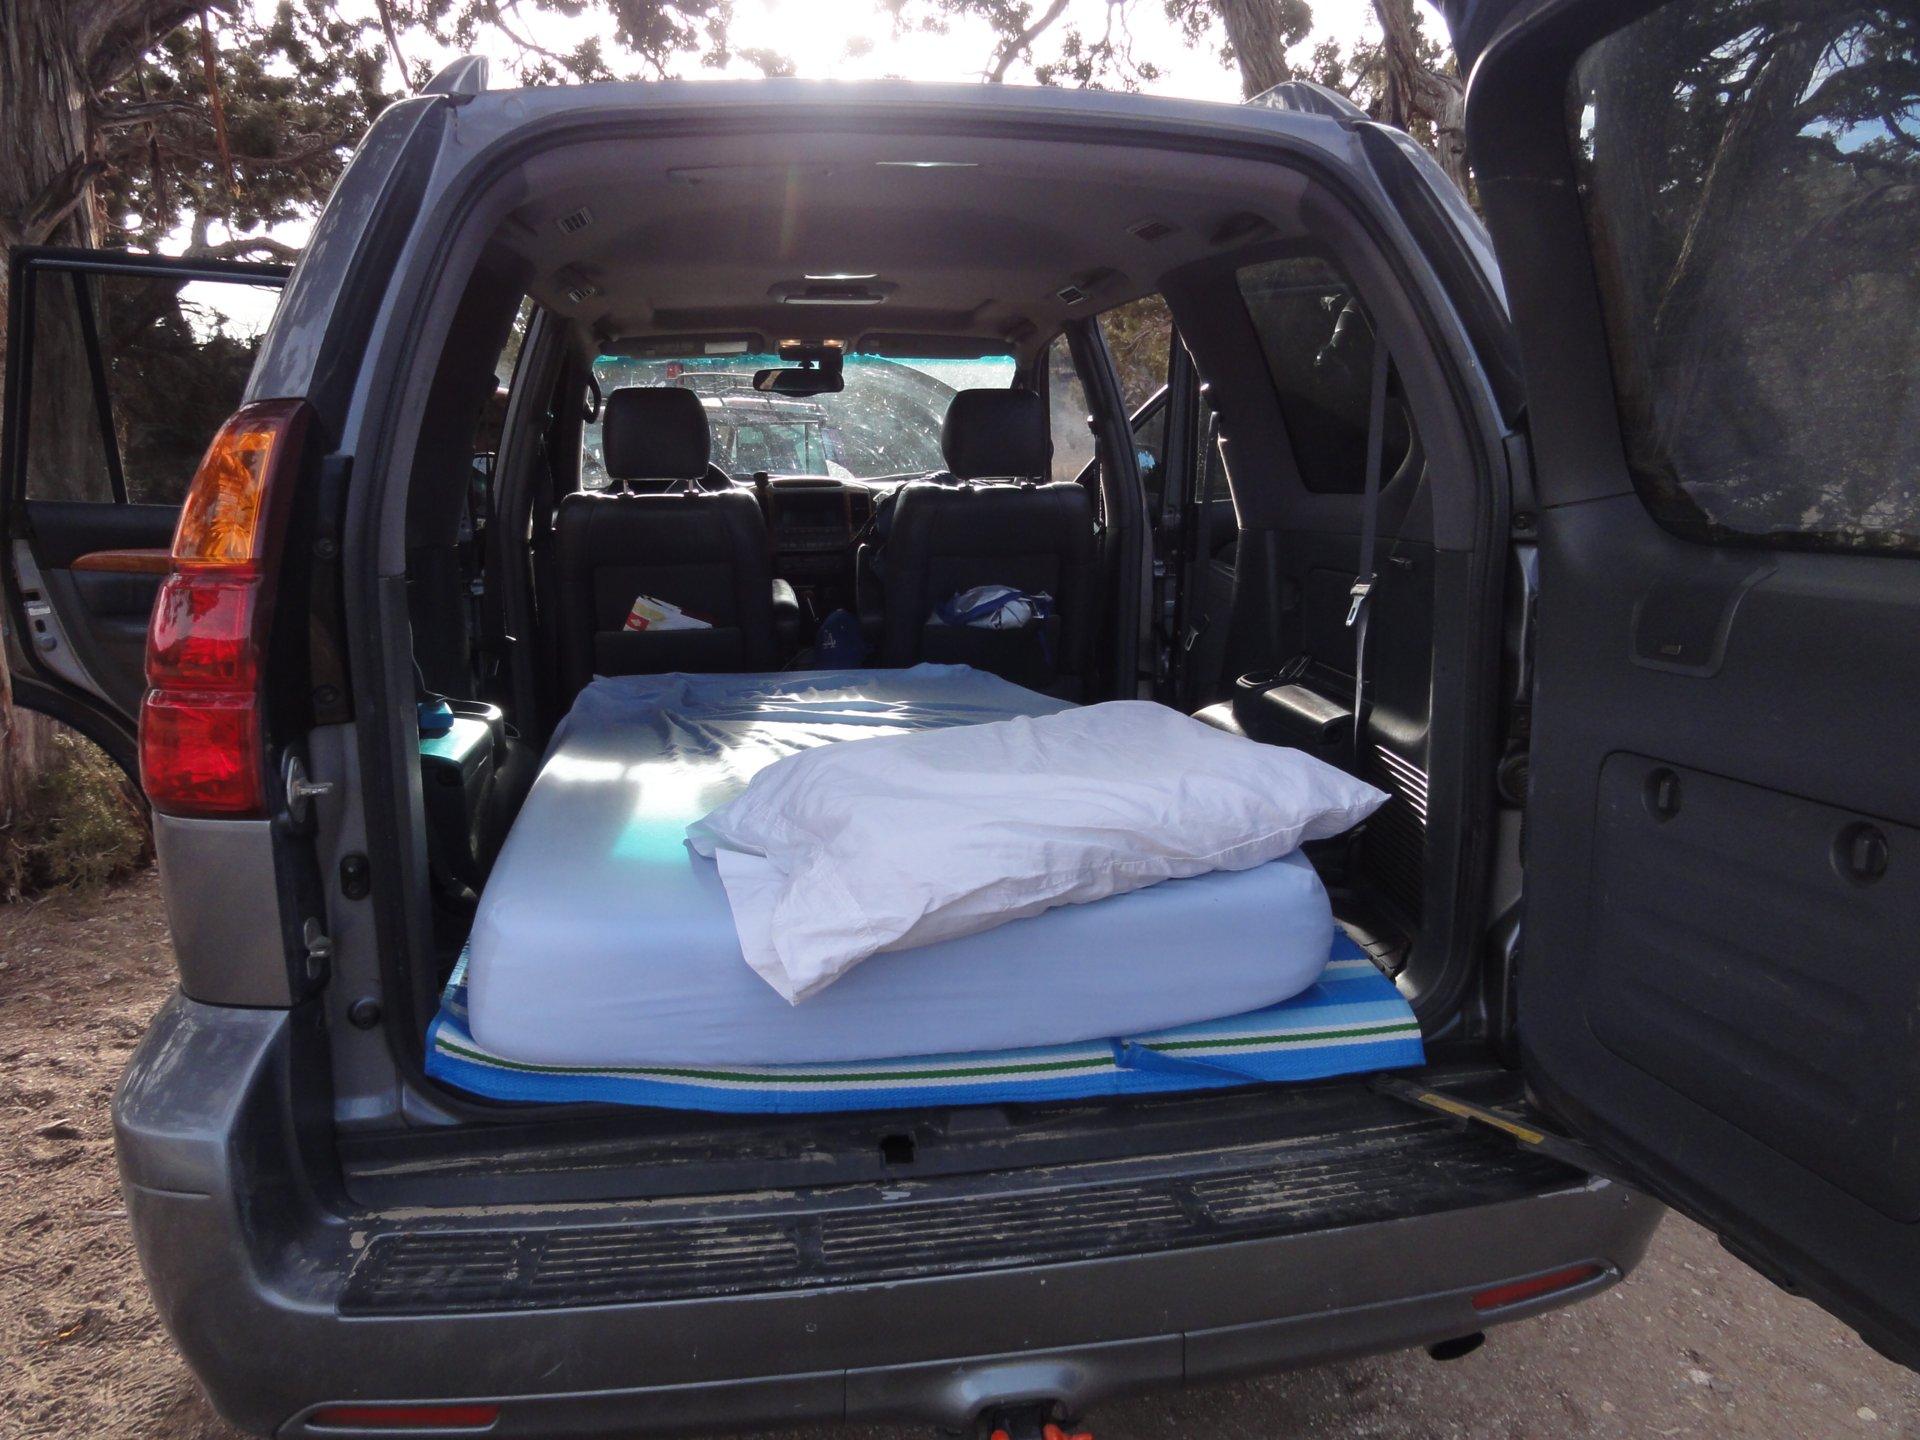 Lexus 3rd Row >> Poor man's sleeping platform | IH8MUD Forum